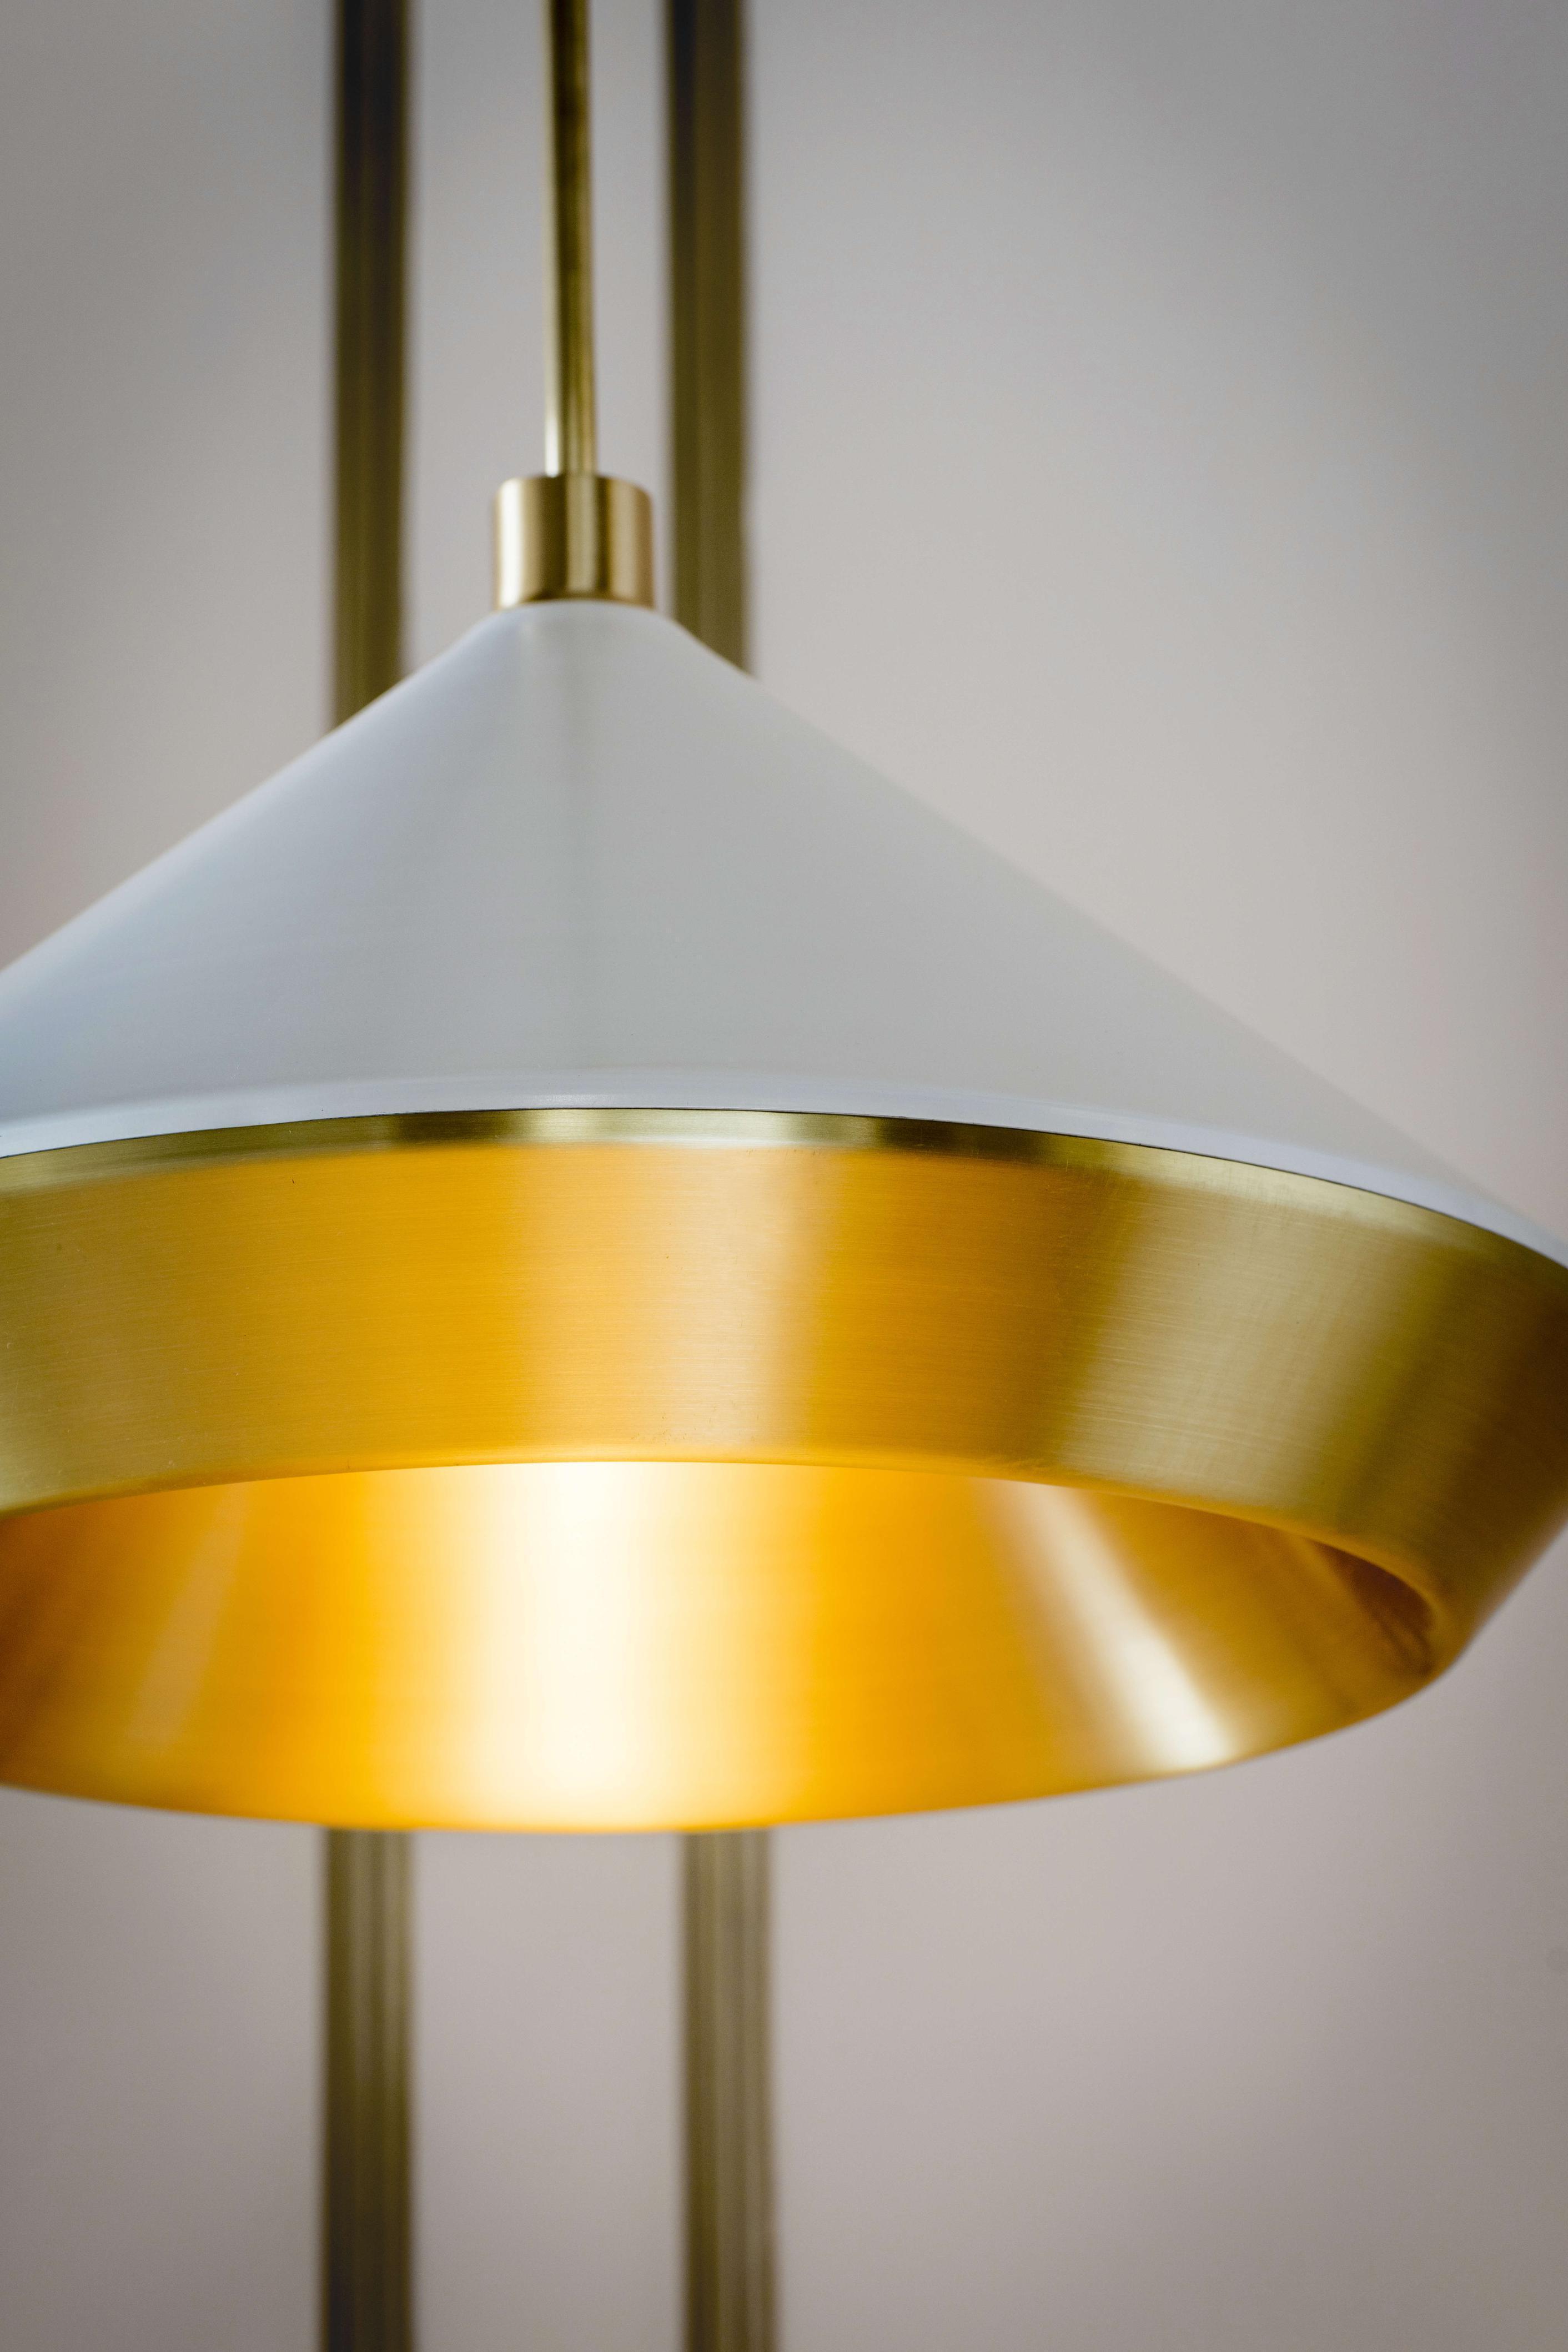 Shear Pendant Light - XL